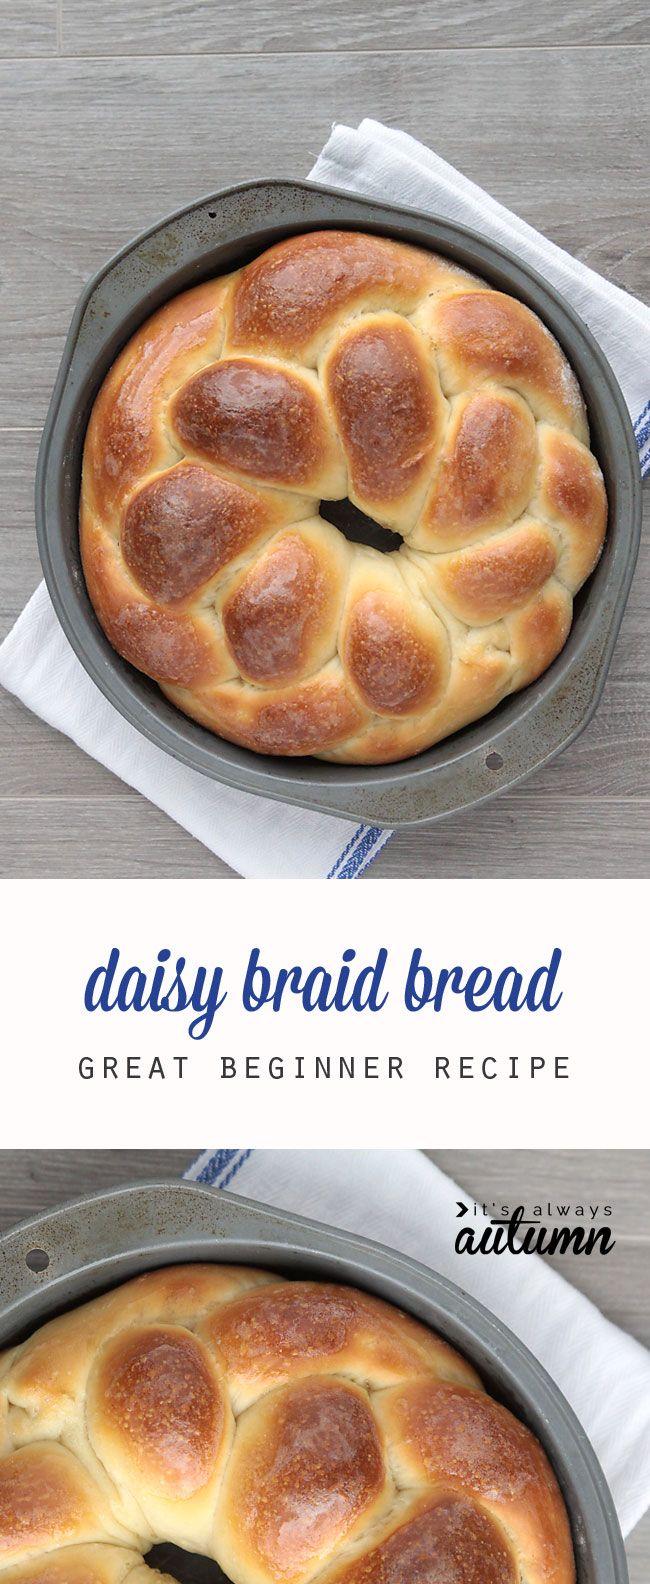 Este magnífico pan trenzado es fácil de hacer y es perfecto para los principiantes.  Se levanta en la nevera para que pueda hacer más adelante y hornear en cualquier momento.  Gran receta para regalar!